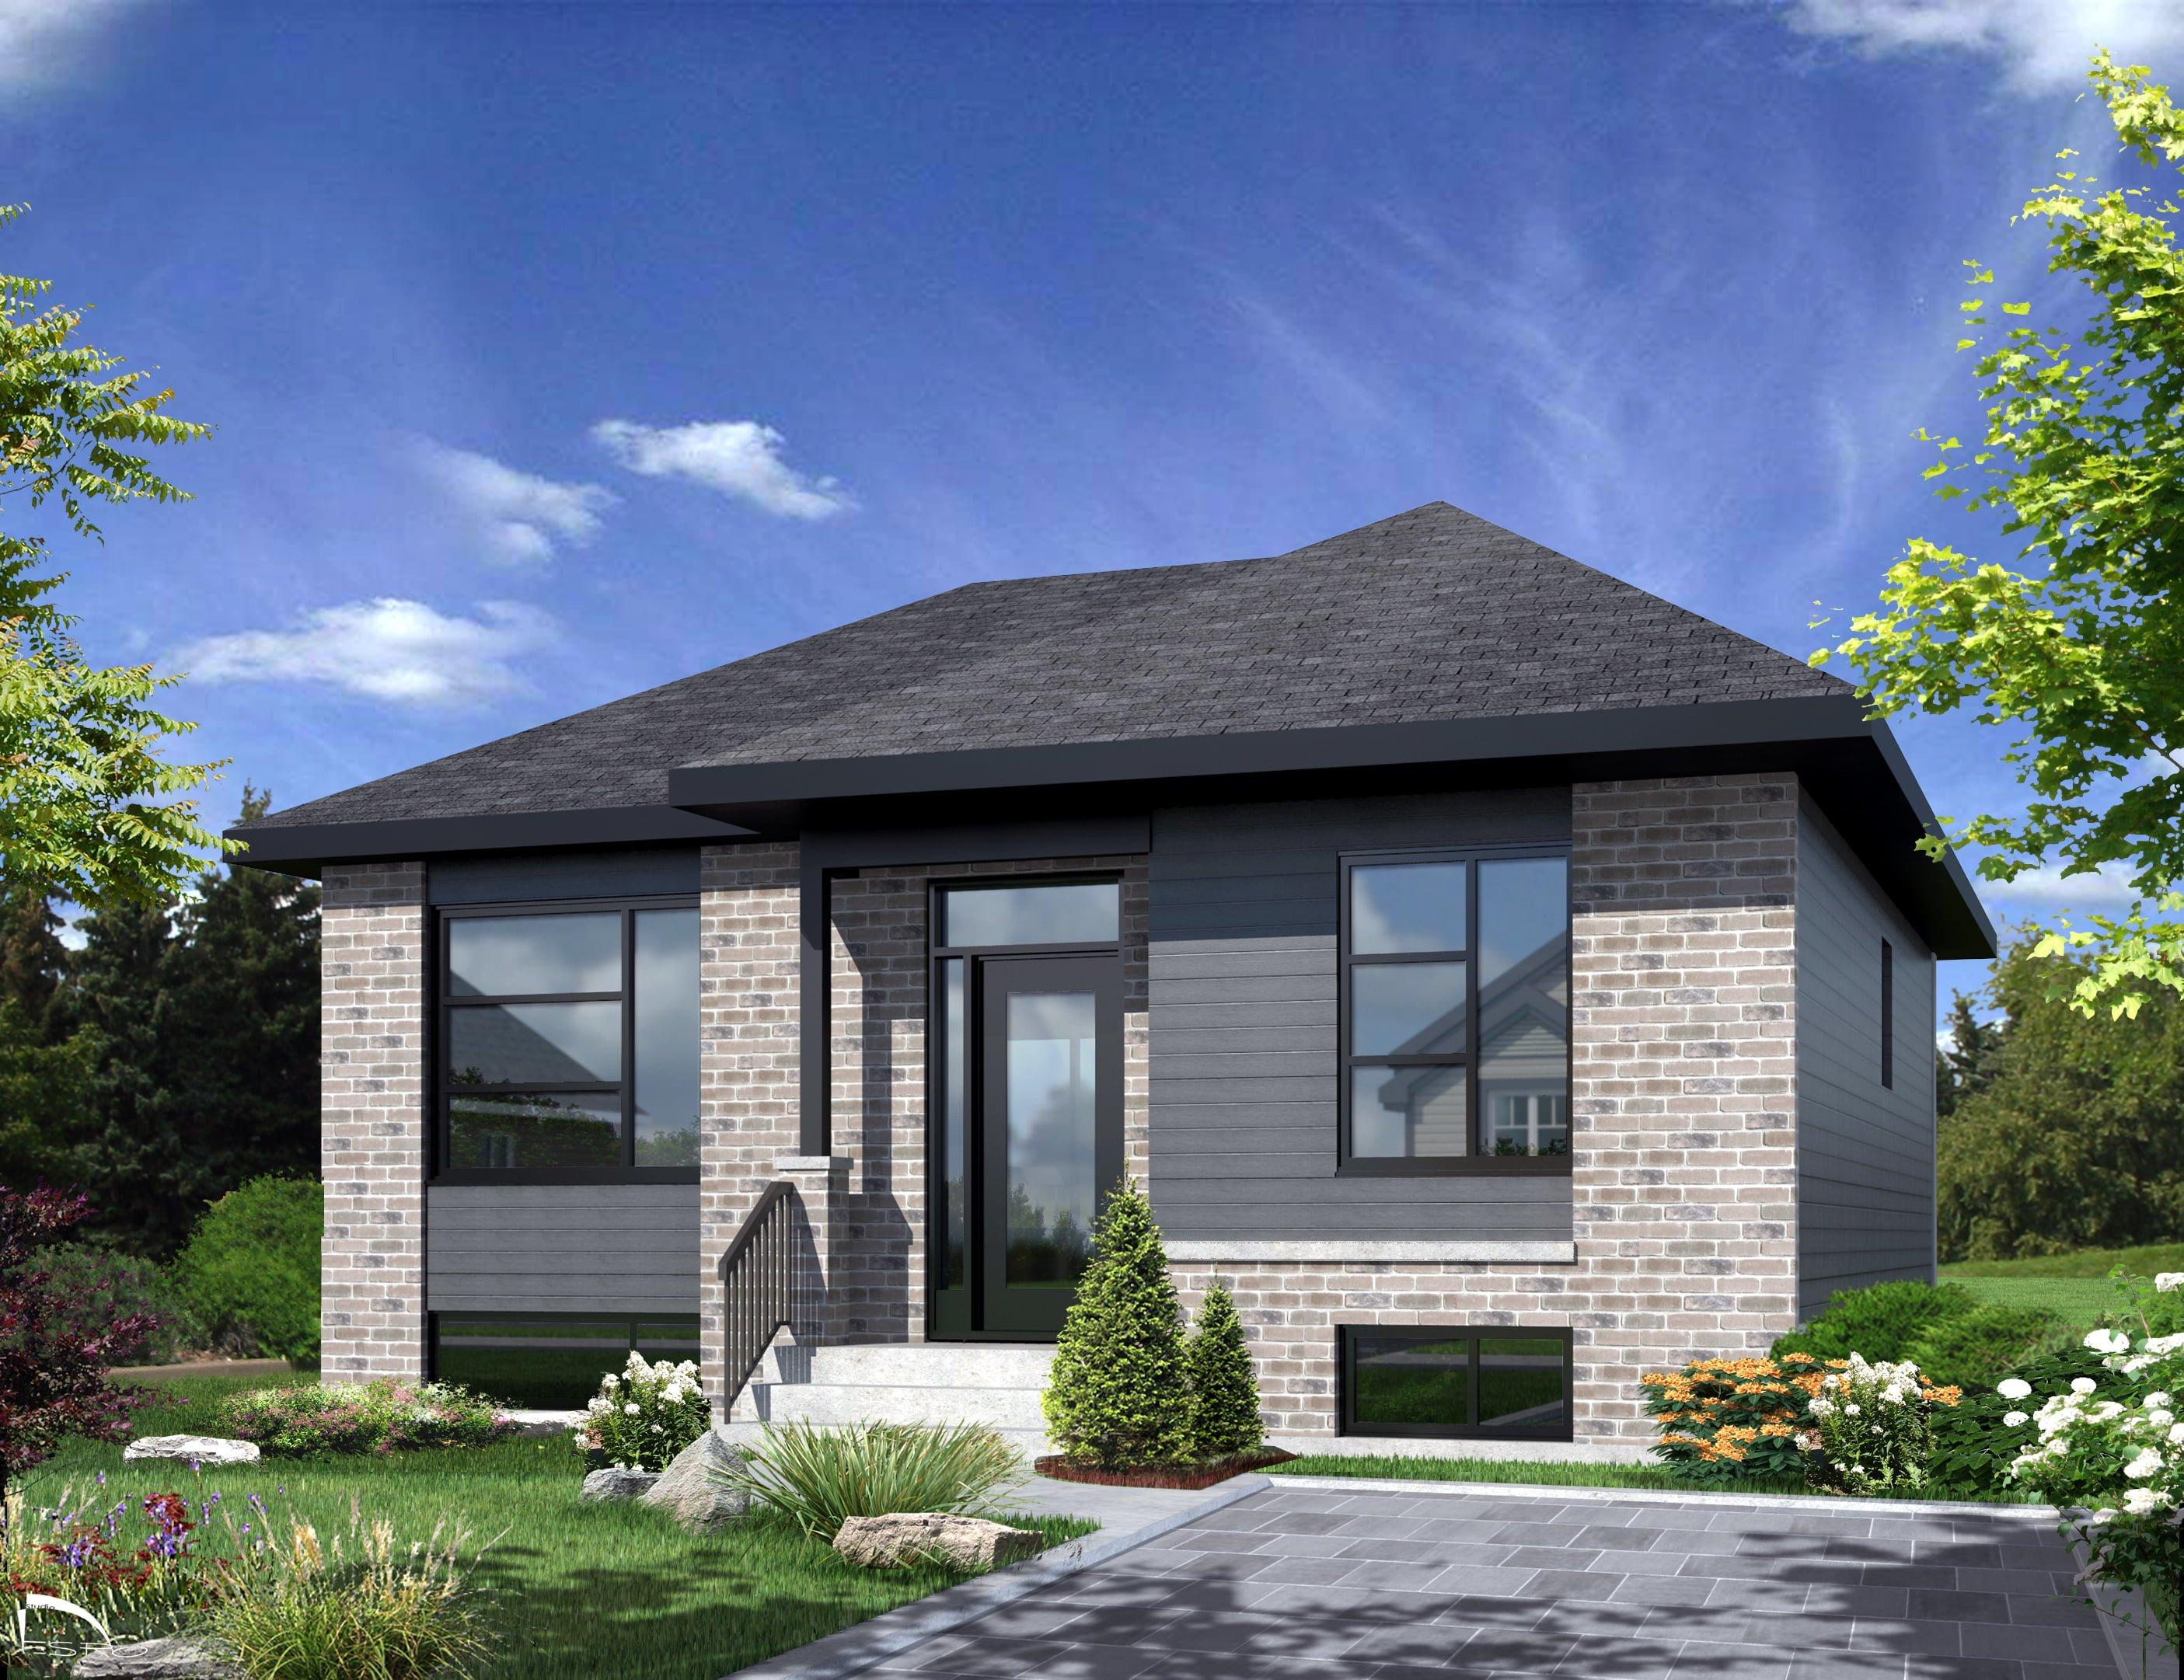 Projet de maisons neuves ste sophie mod le madrid les for Maison neuve projet